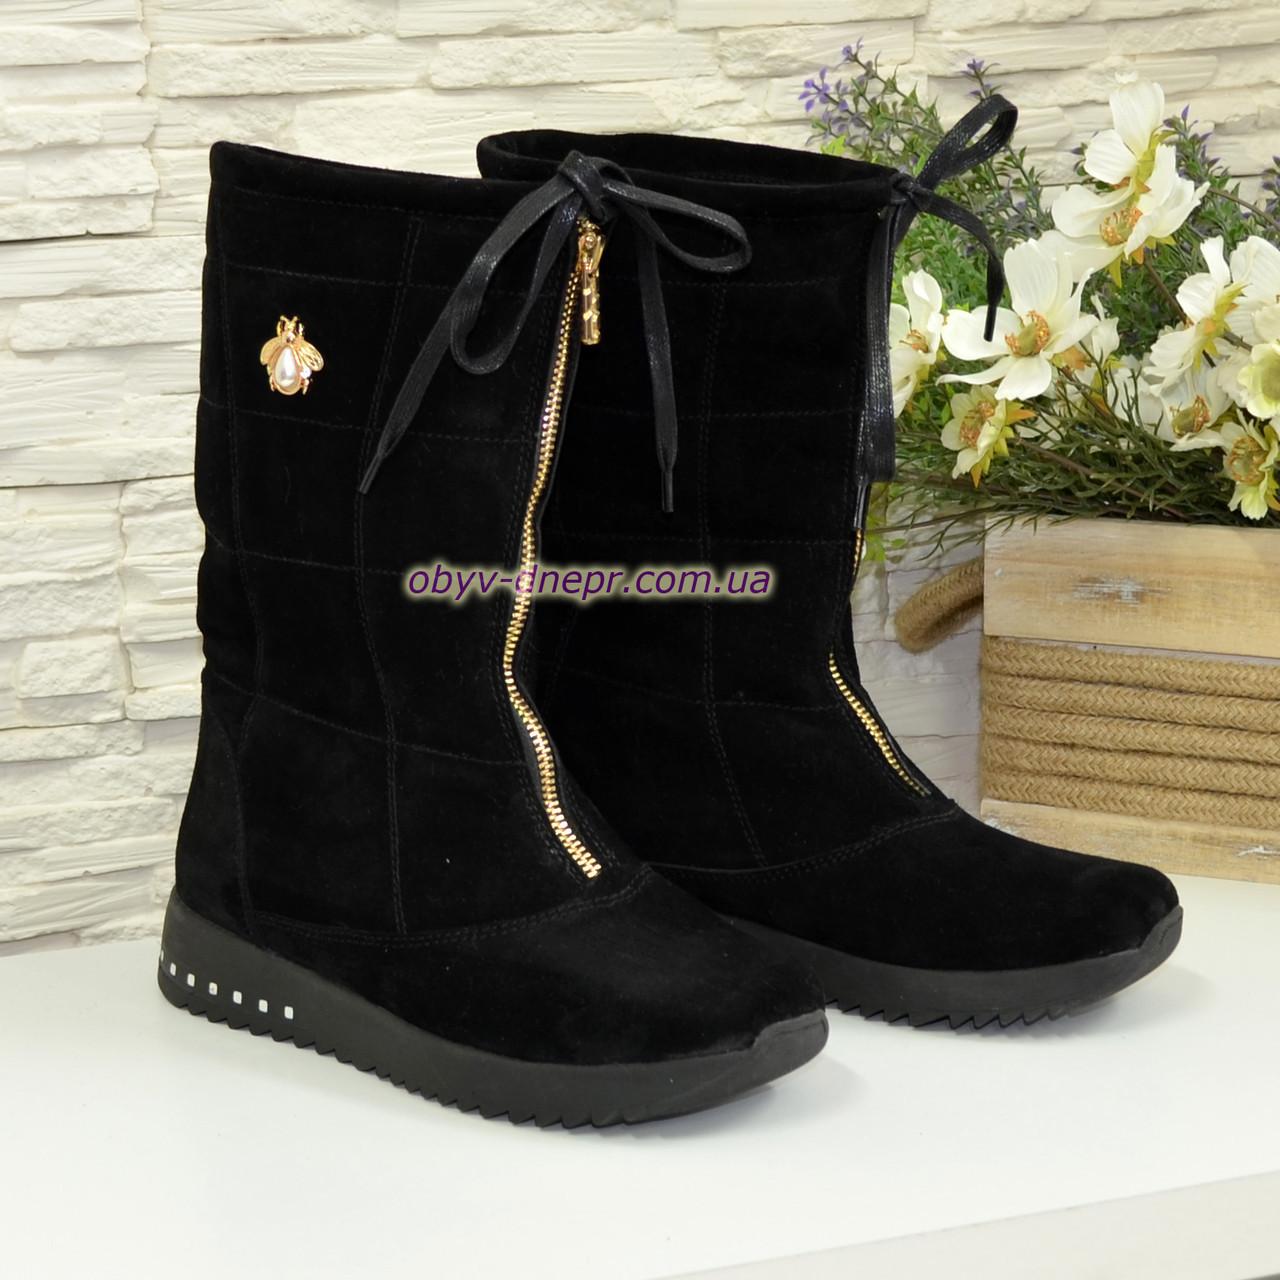 Чоботи замшеві зимові на товстій підошві, декоровані фурнітурою, колір чорний